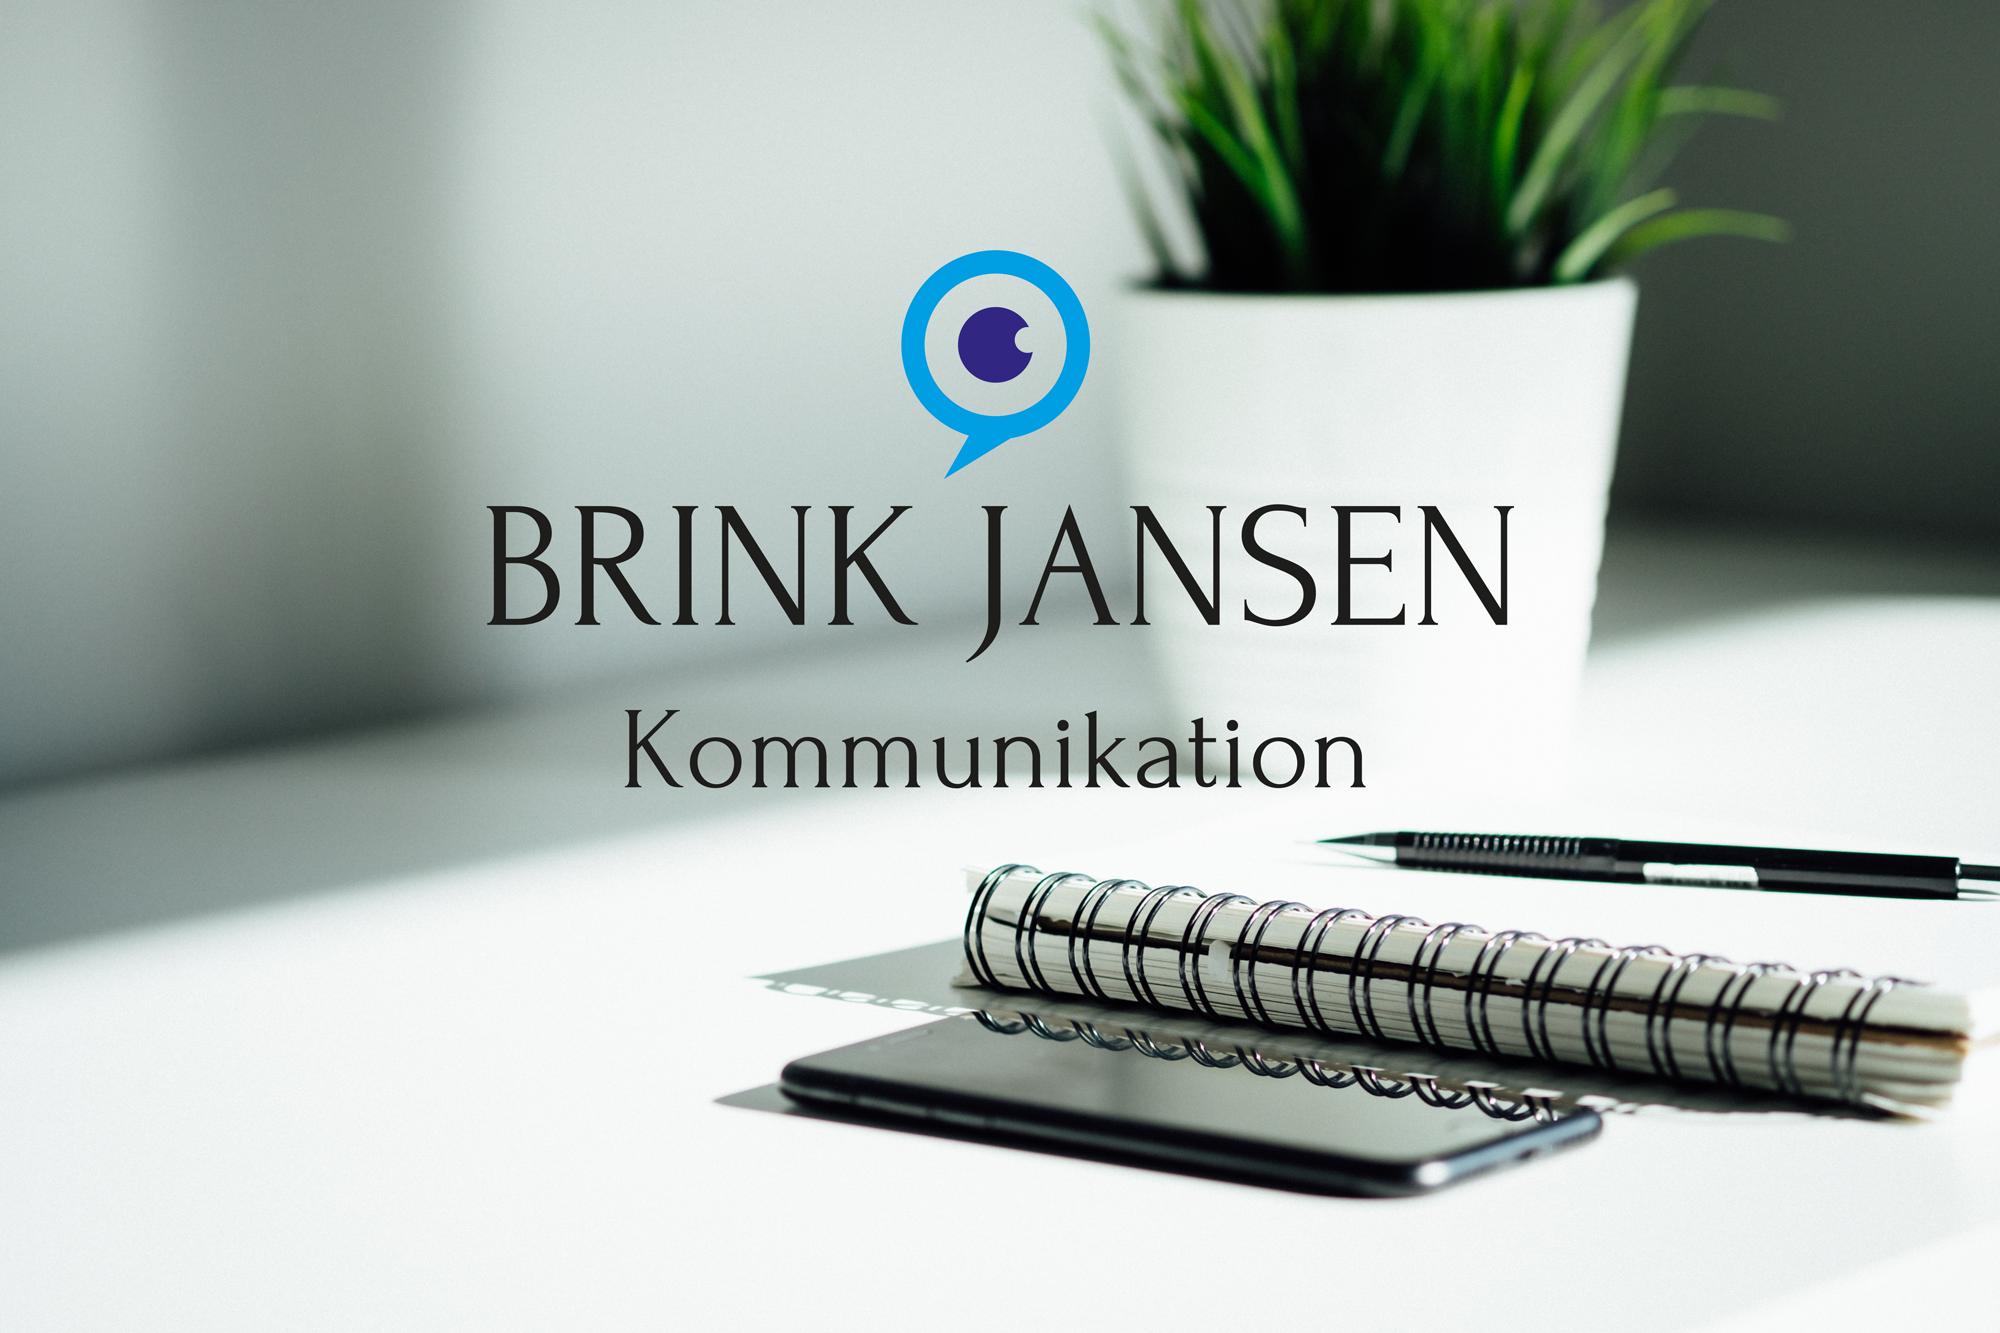 Logo til Brink Jansen Kommunikation med et mørkeblåt og lyseblåt bomærke af en taleboble og et øje